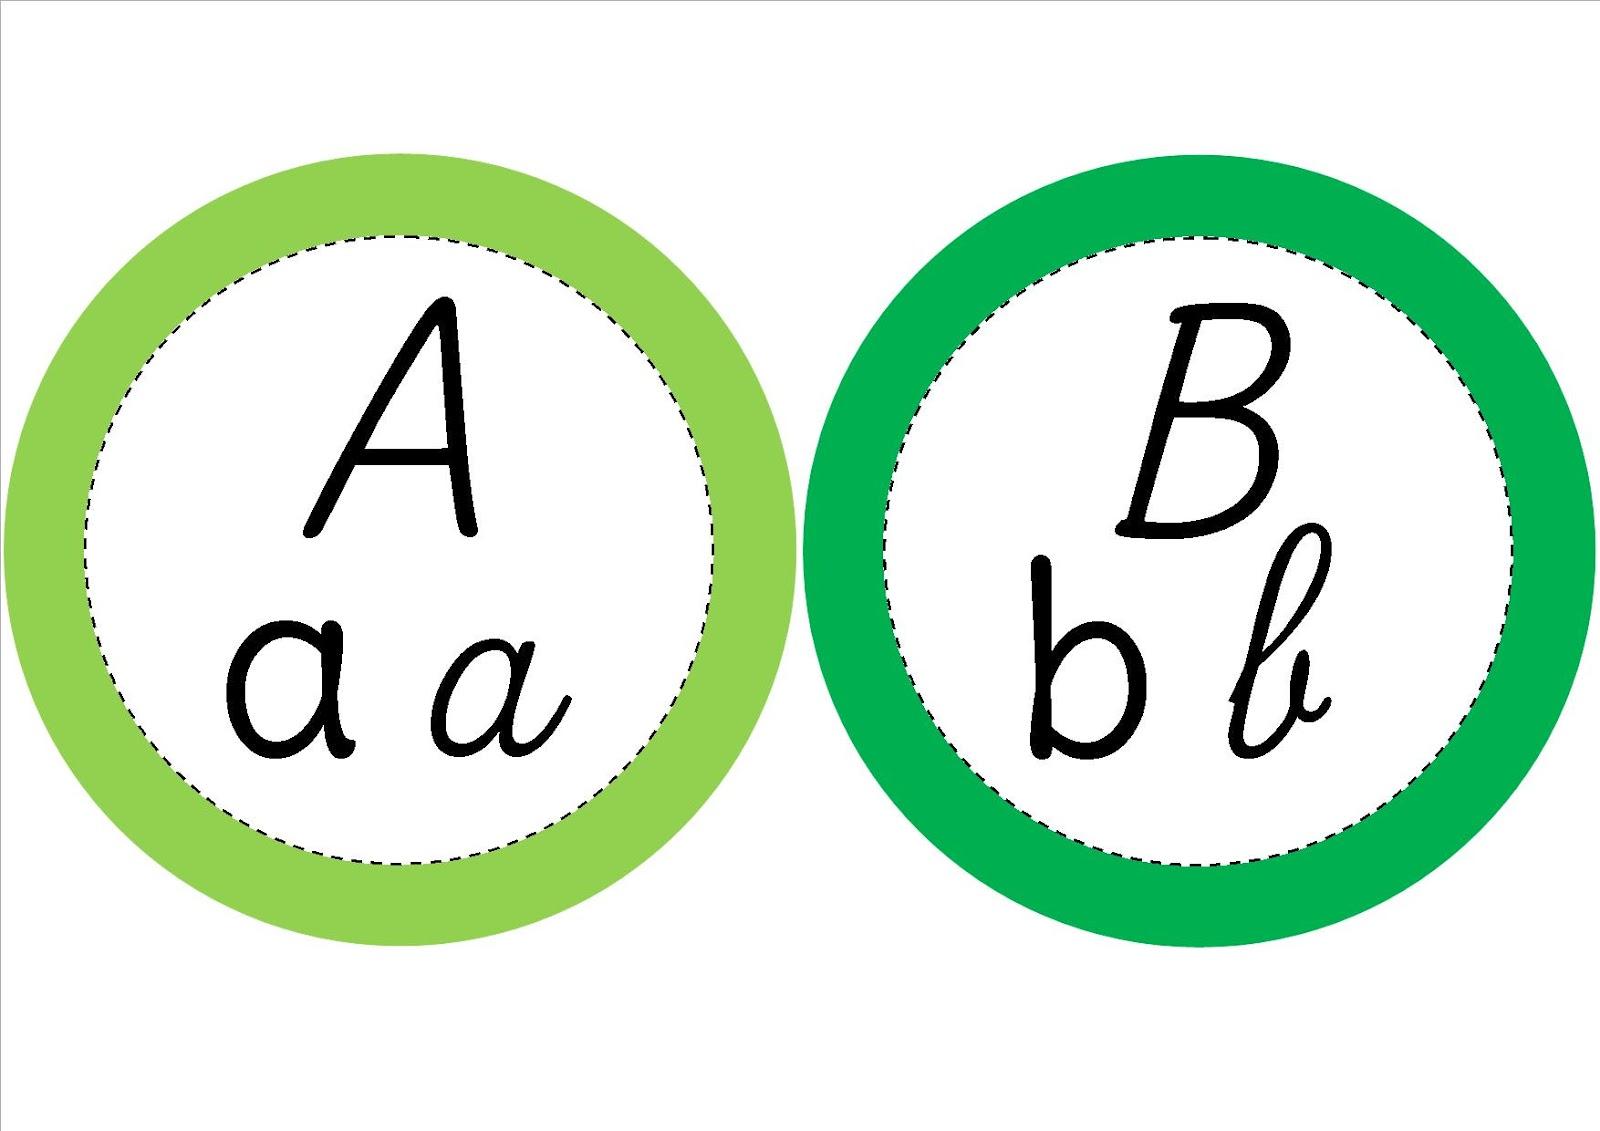 La maternelle de laur ne la chenille de l 39 alphabet - Pot en 3 lettres ...